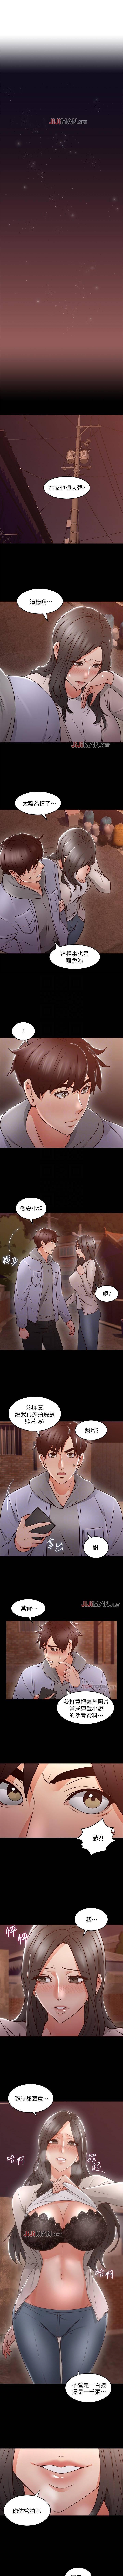 【周六更新】邻居人妻(作者:李周元 & 頸枕) 第1~50话 108